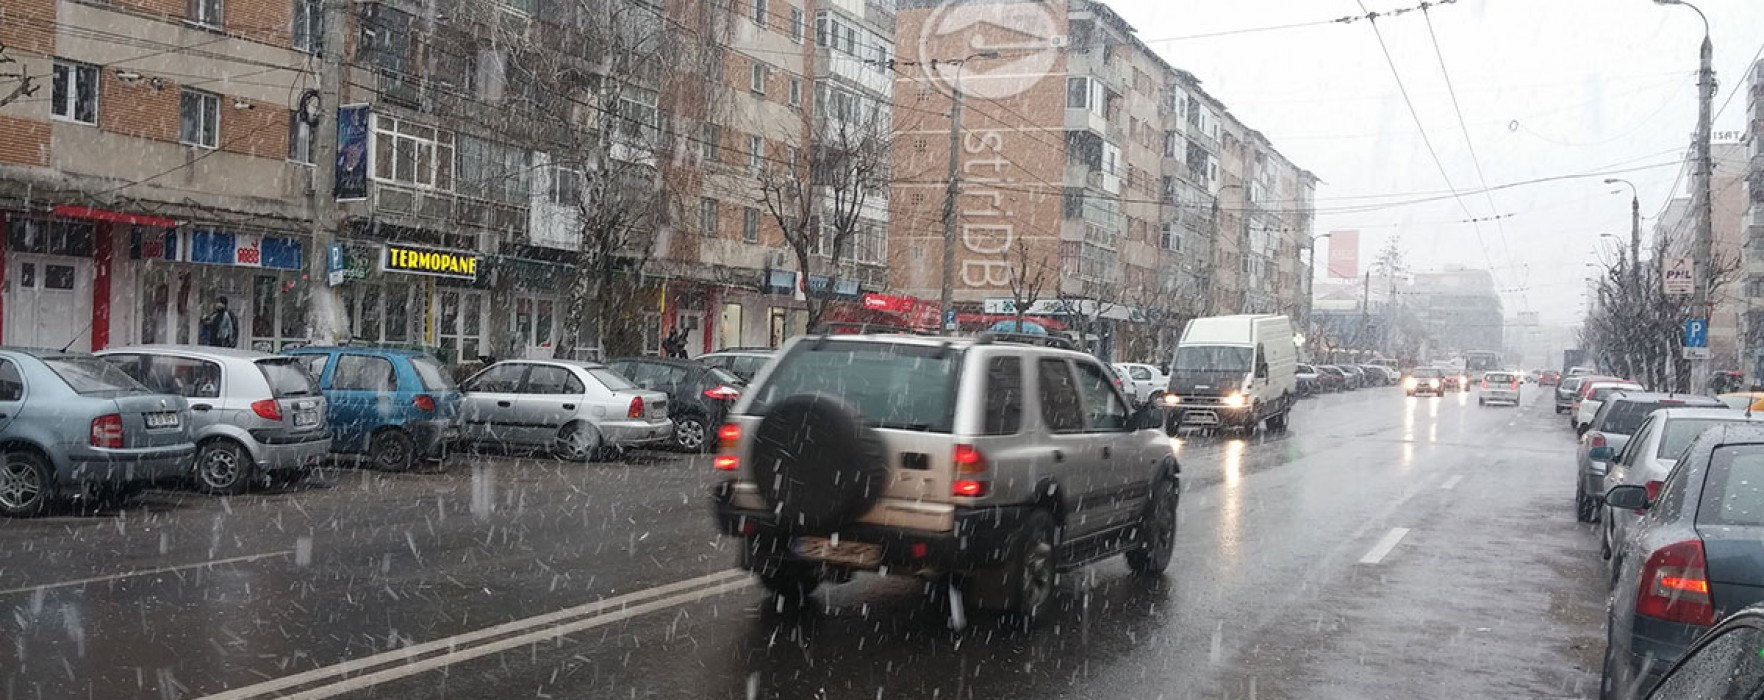 ISU Dâmboviţa: Informare meteo – intensificări ale vântului şi ninsori viscolite